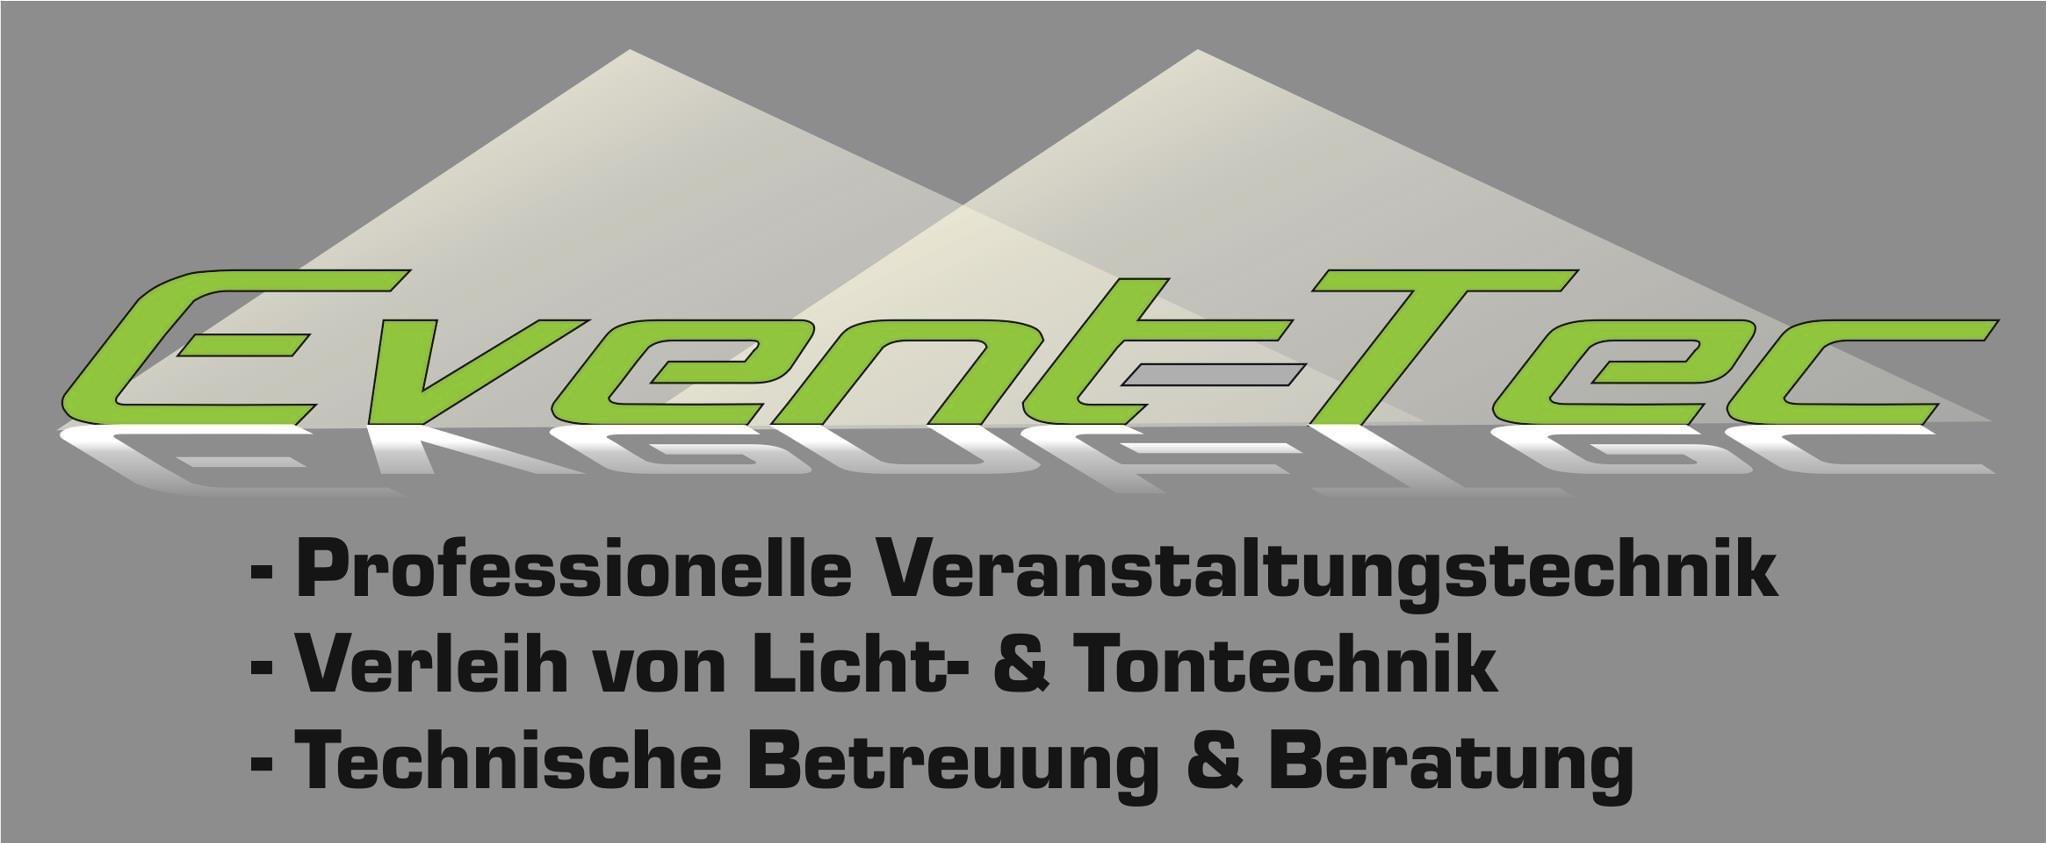 Logo der Event-Tec